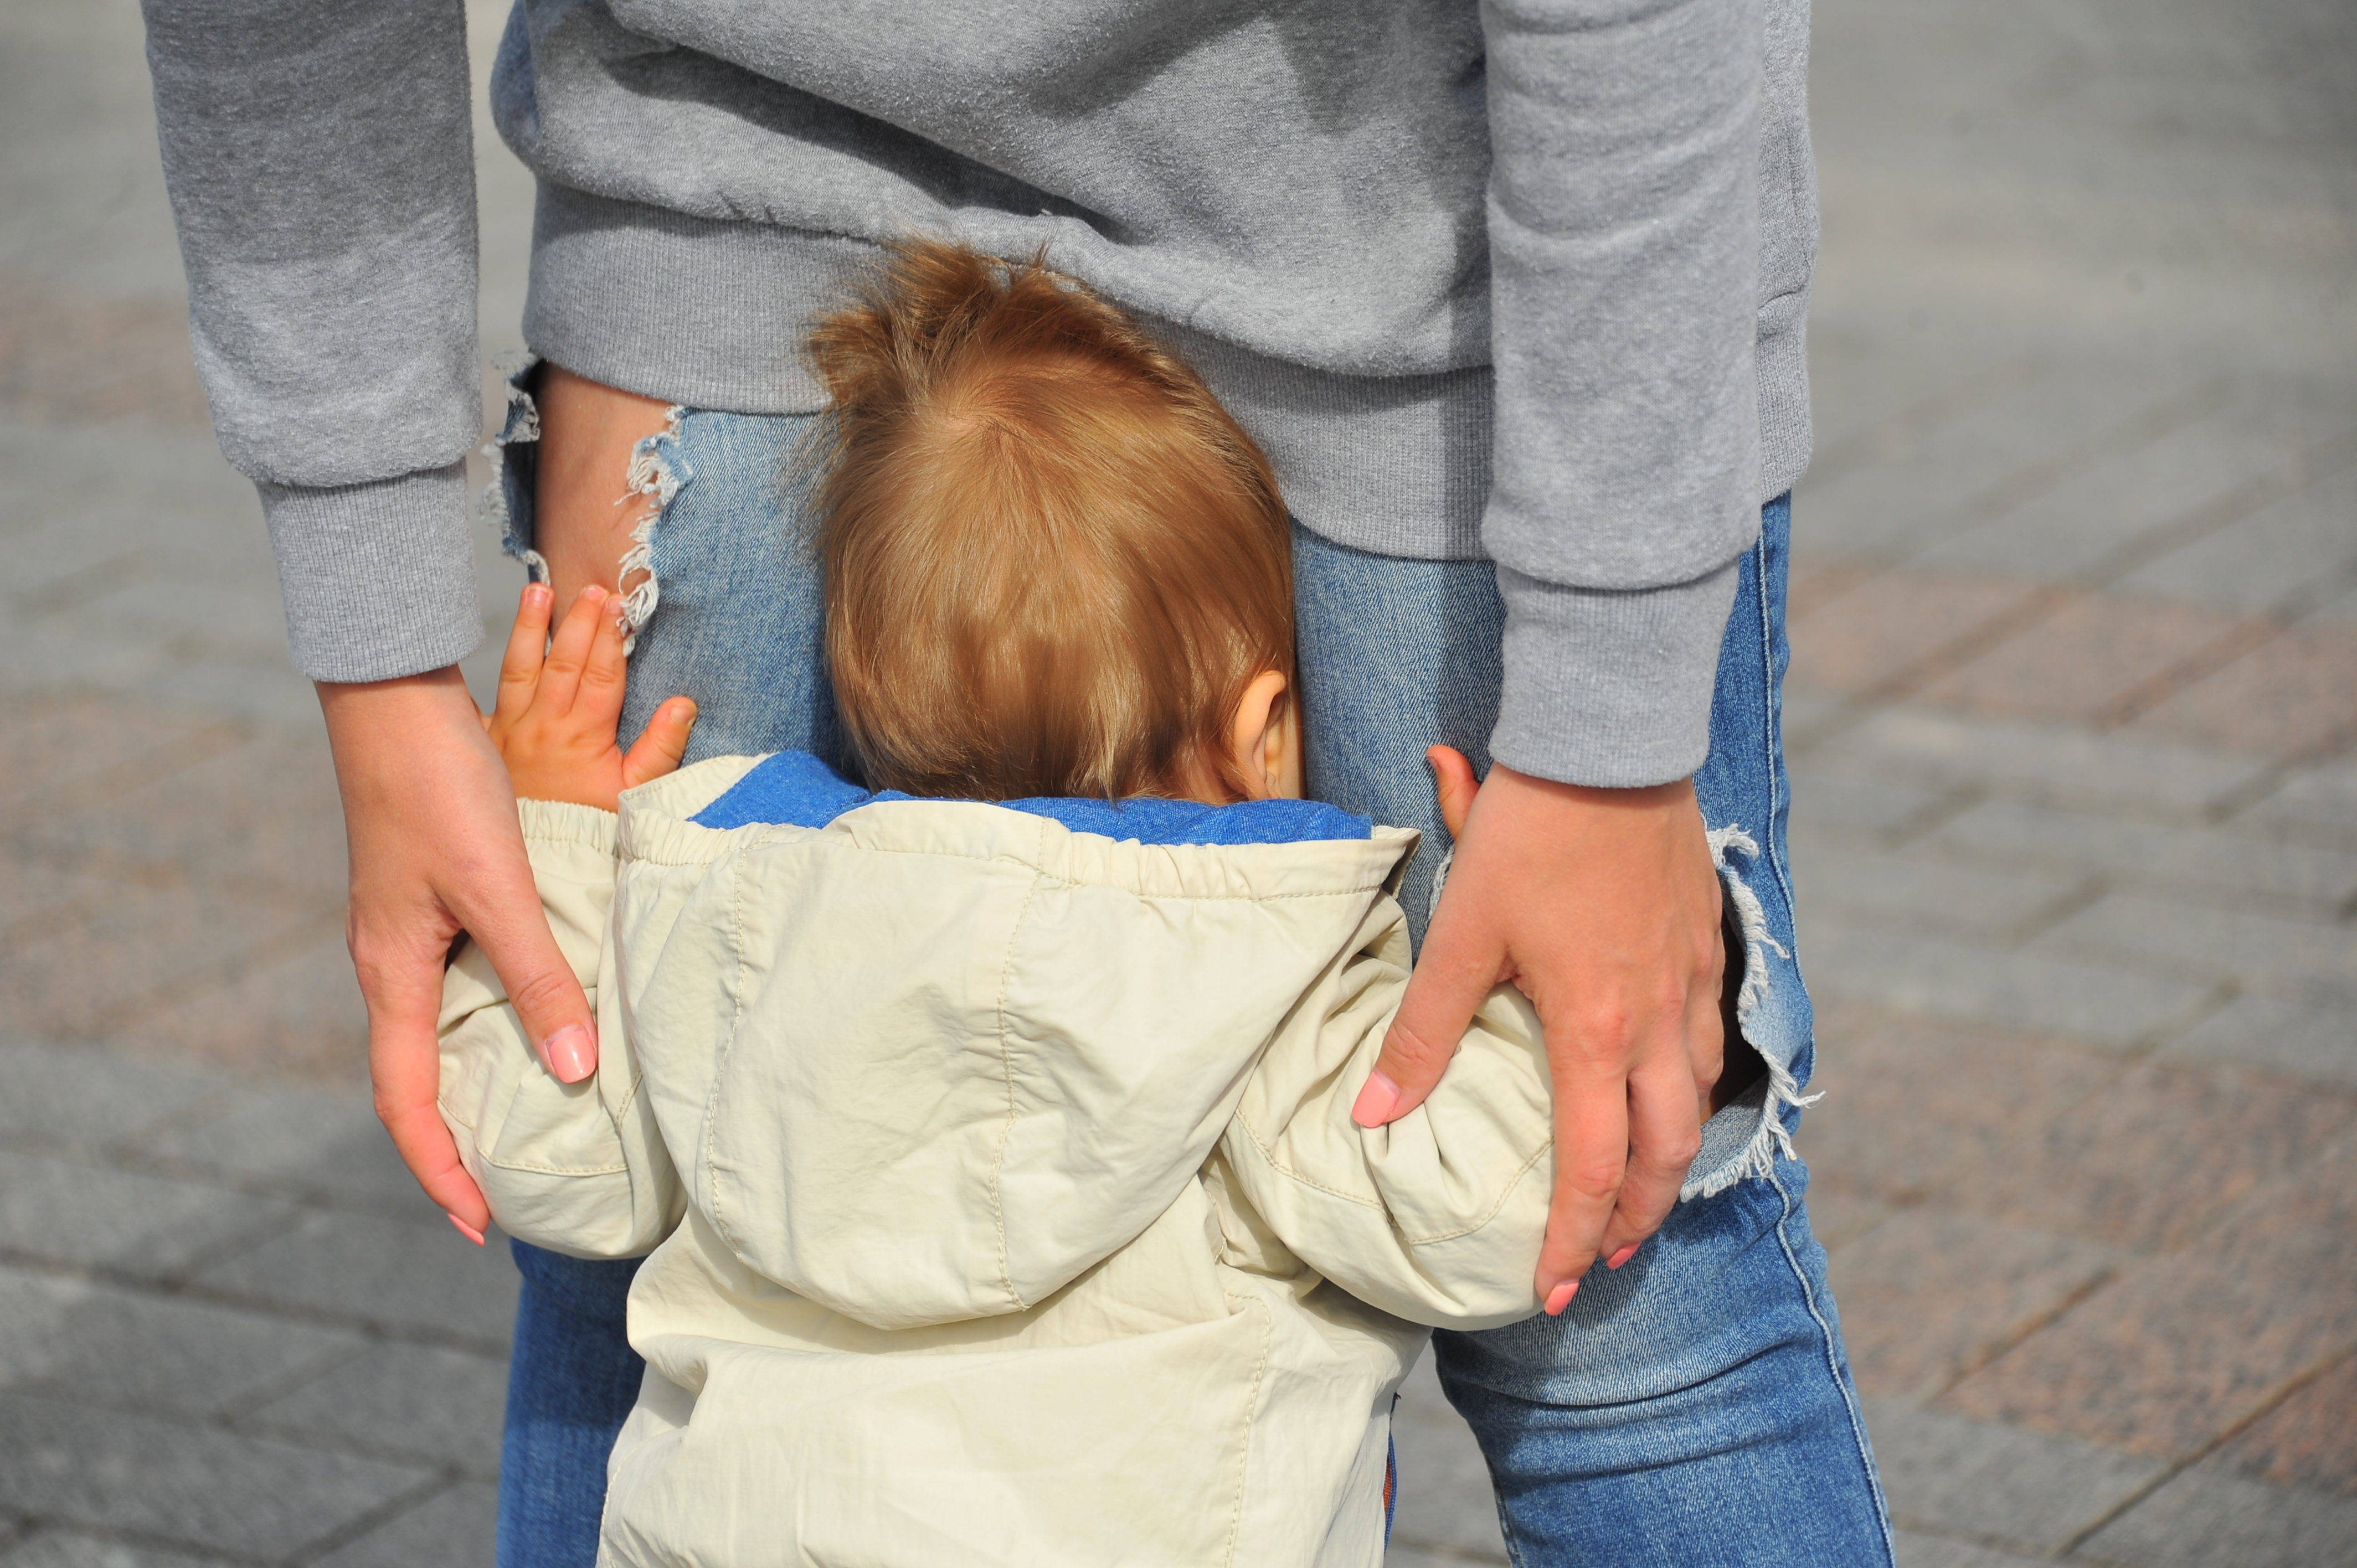 Поскольку и мама, и детки в этой истории - несовершеннолетние, показывать их лица мы не имеем права.